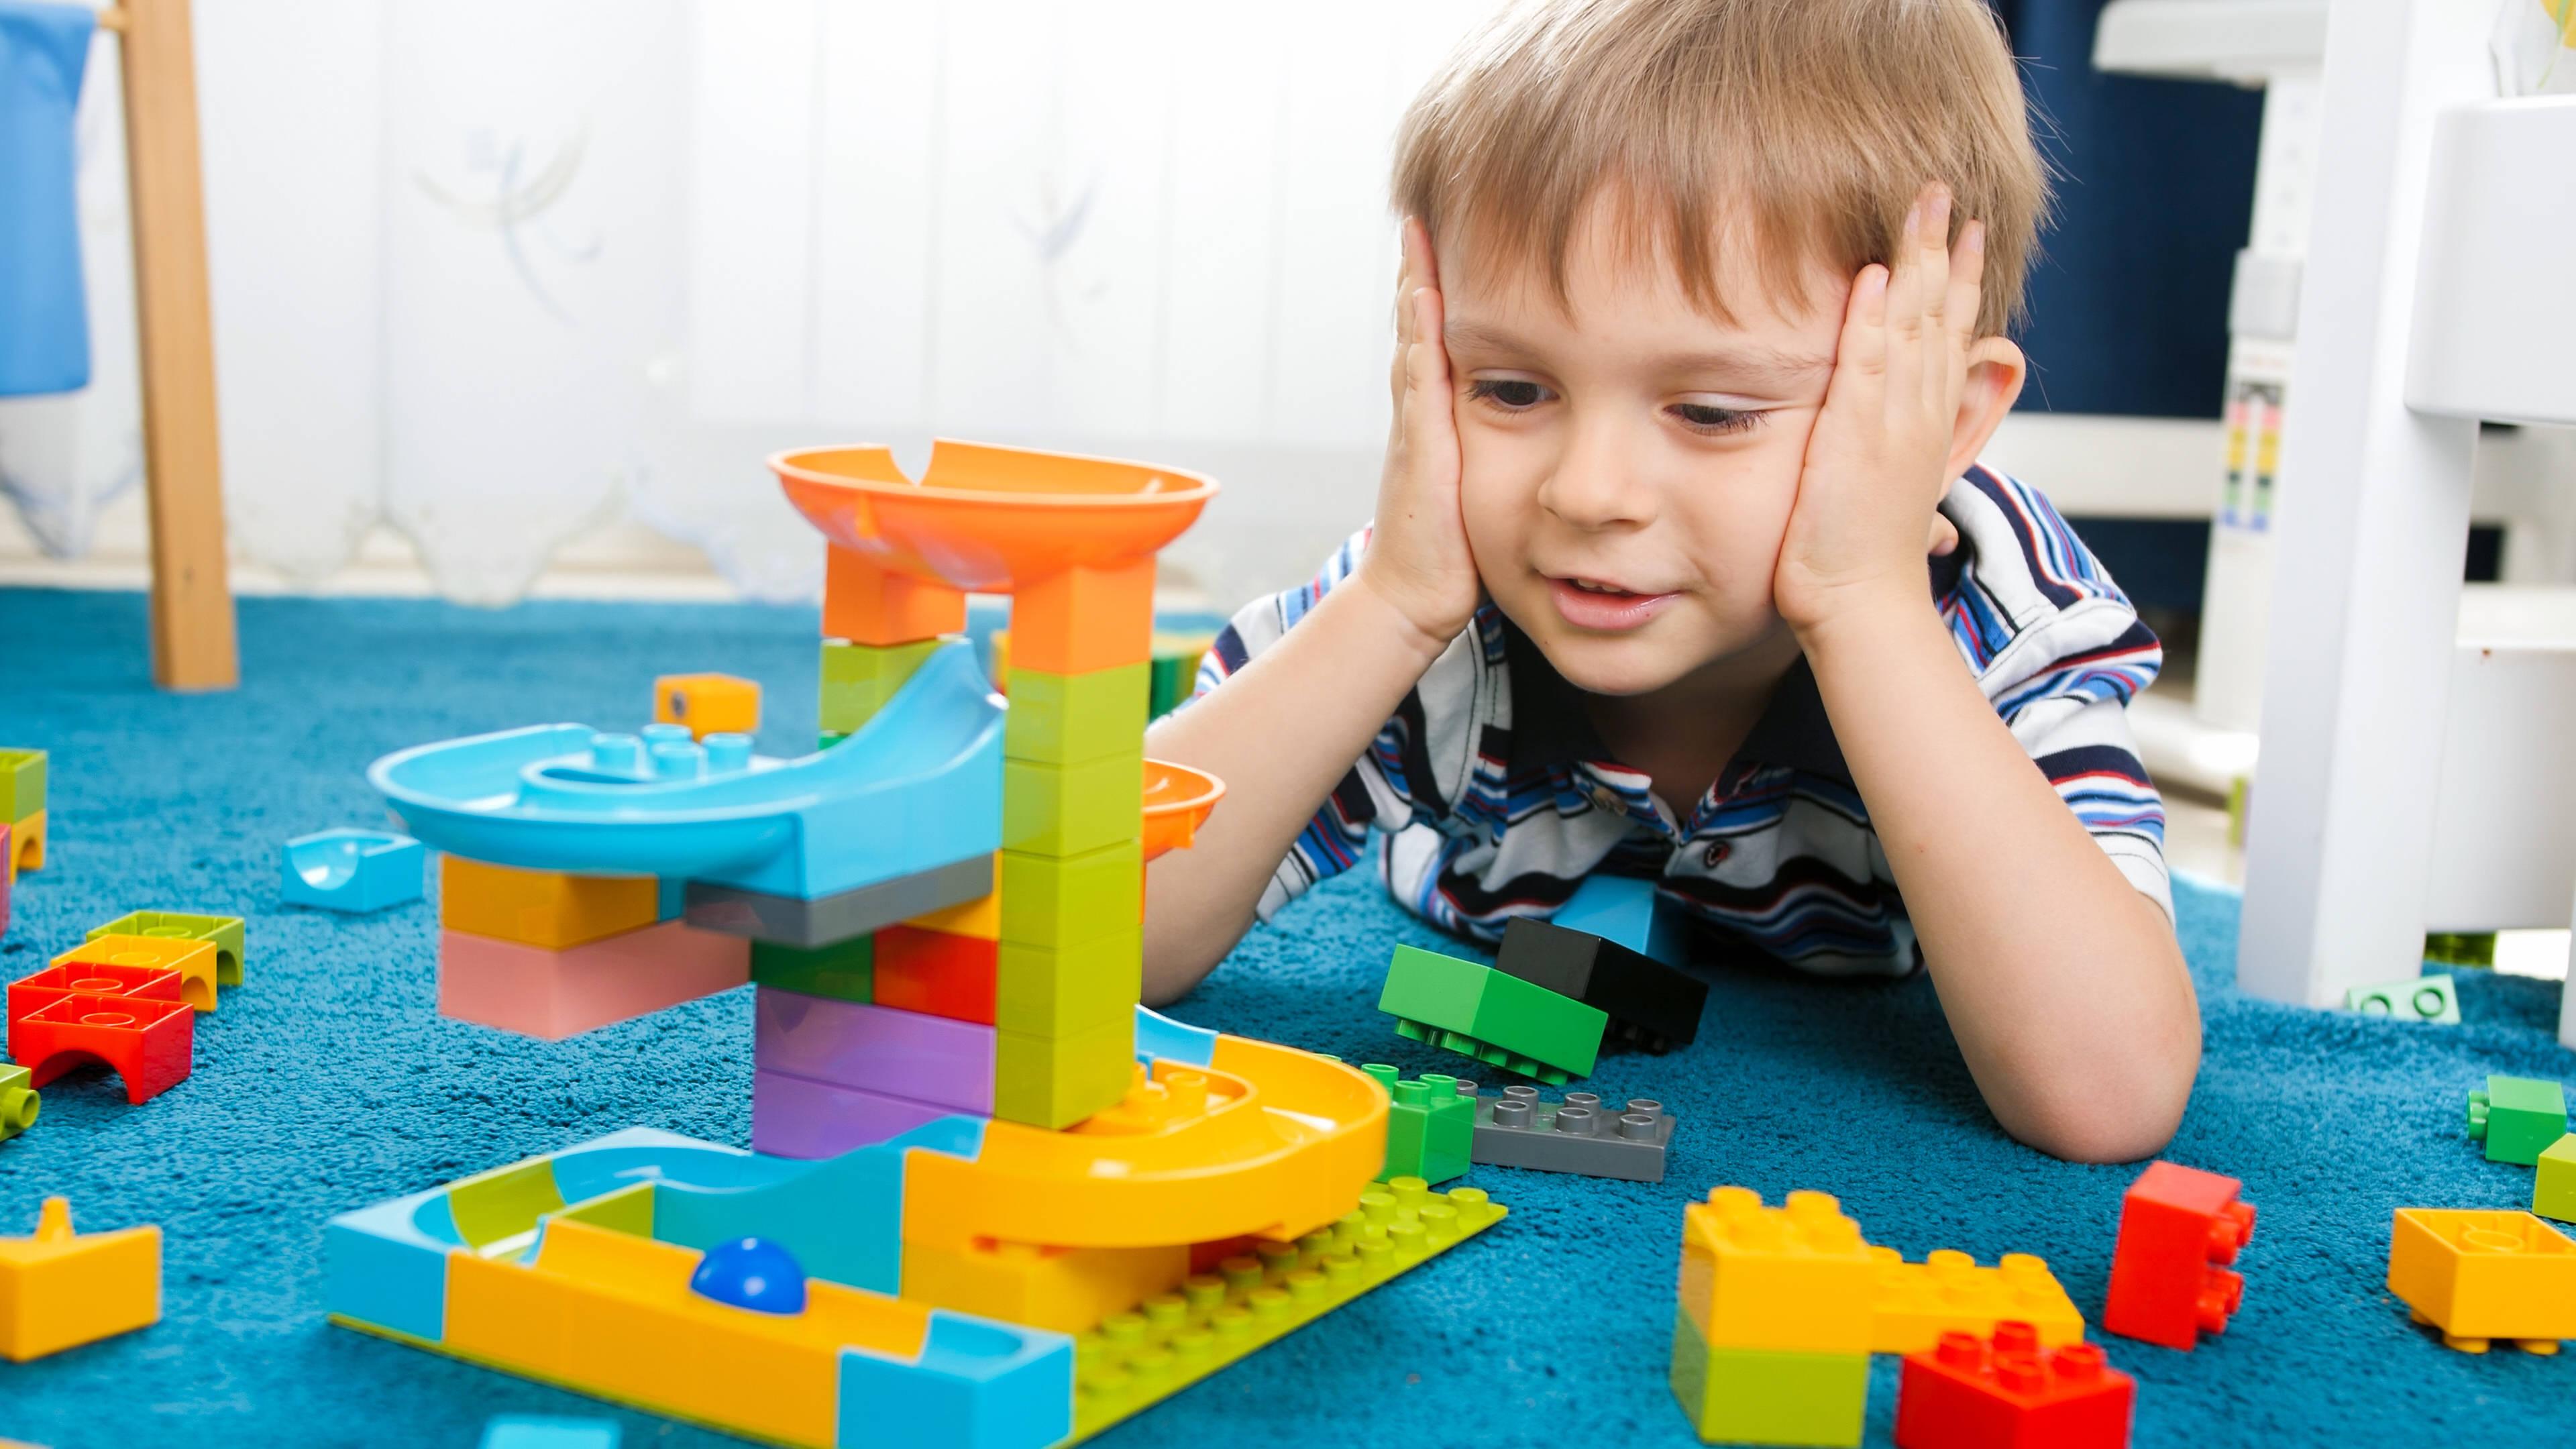 """儿童节玩具别瞎买!""""玩具凶器""""已害了不少孩子 家里有了快丢了-家庭网"""